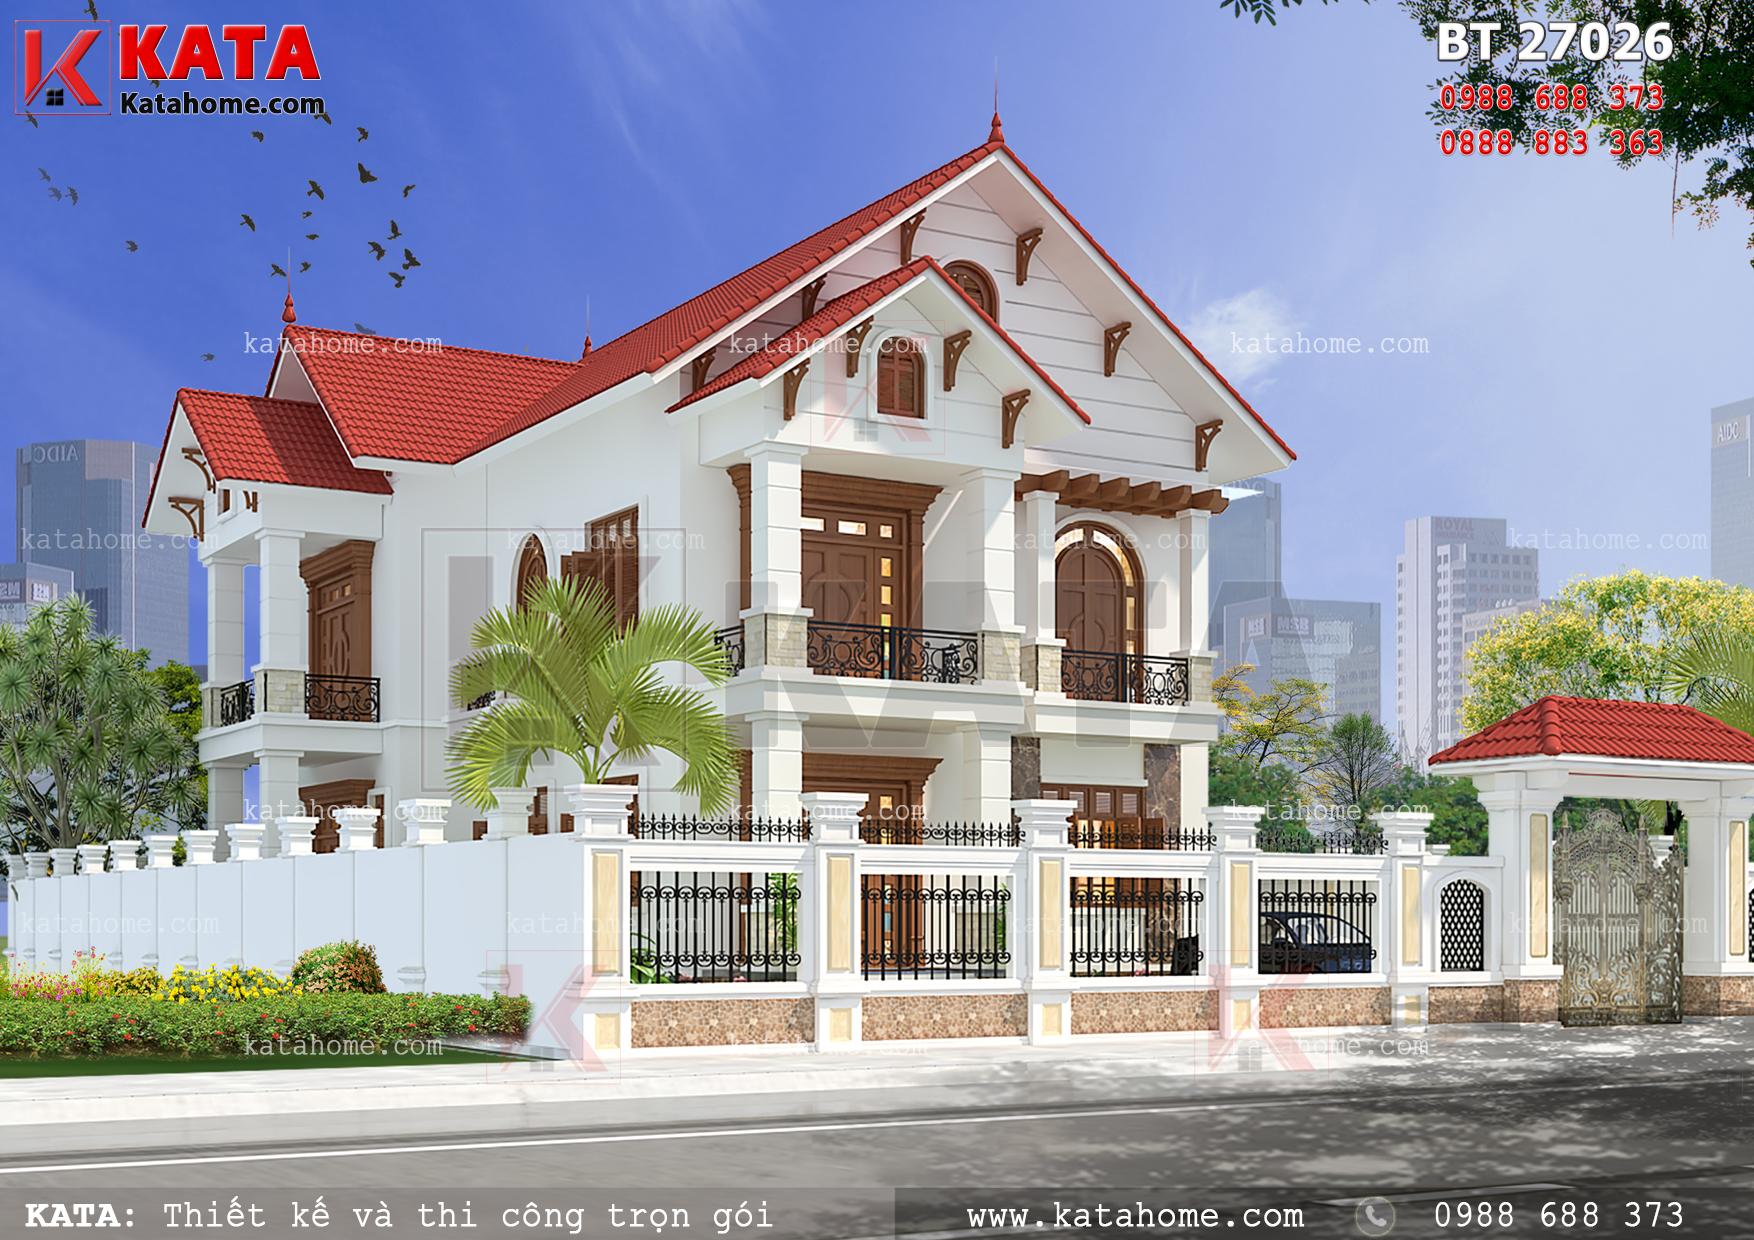 Mẫu thiết kế nhà biệt thự 2 tầng đẹp với hệ mái thái đỏ tươi